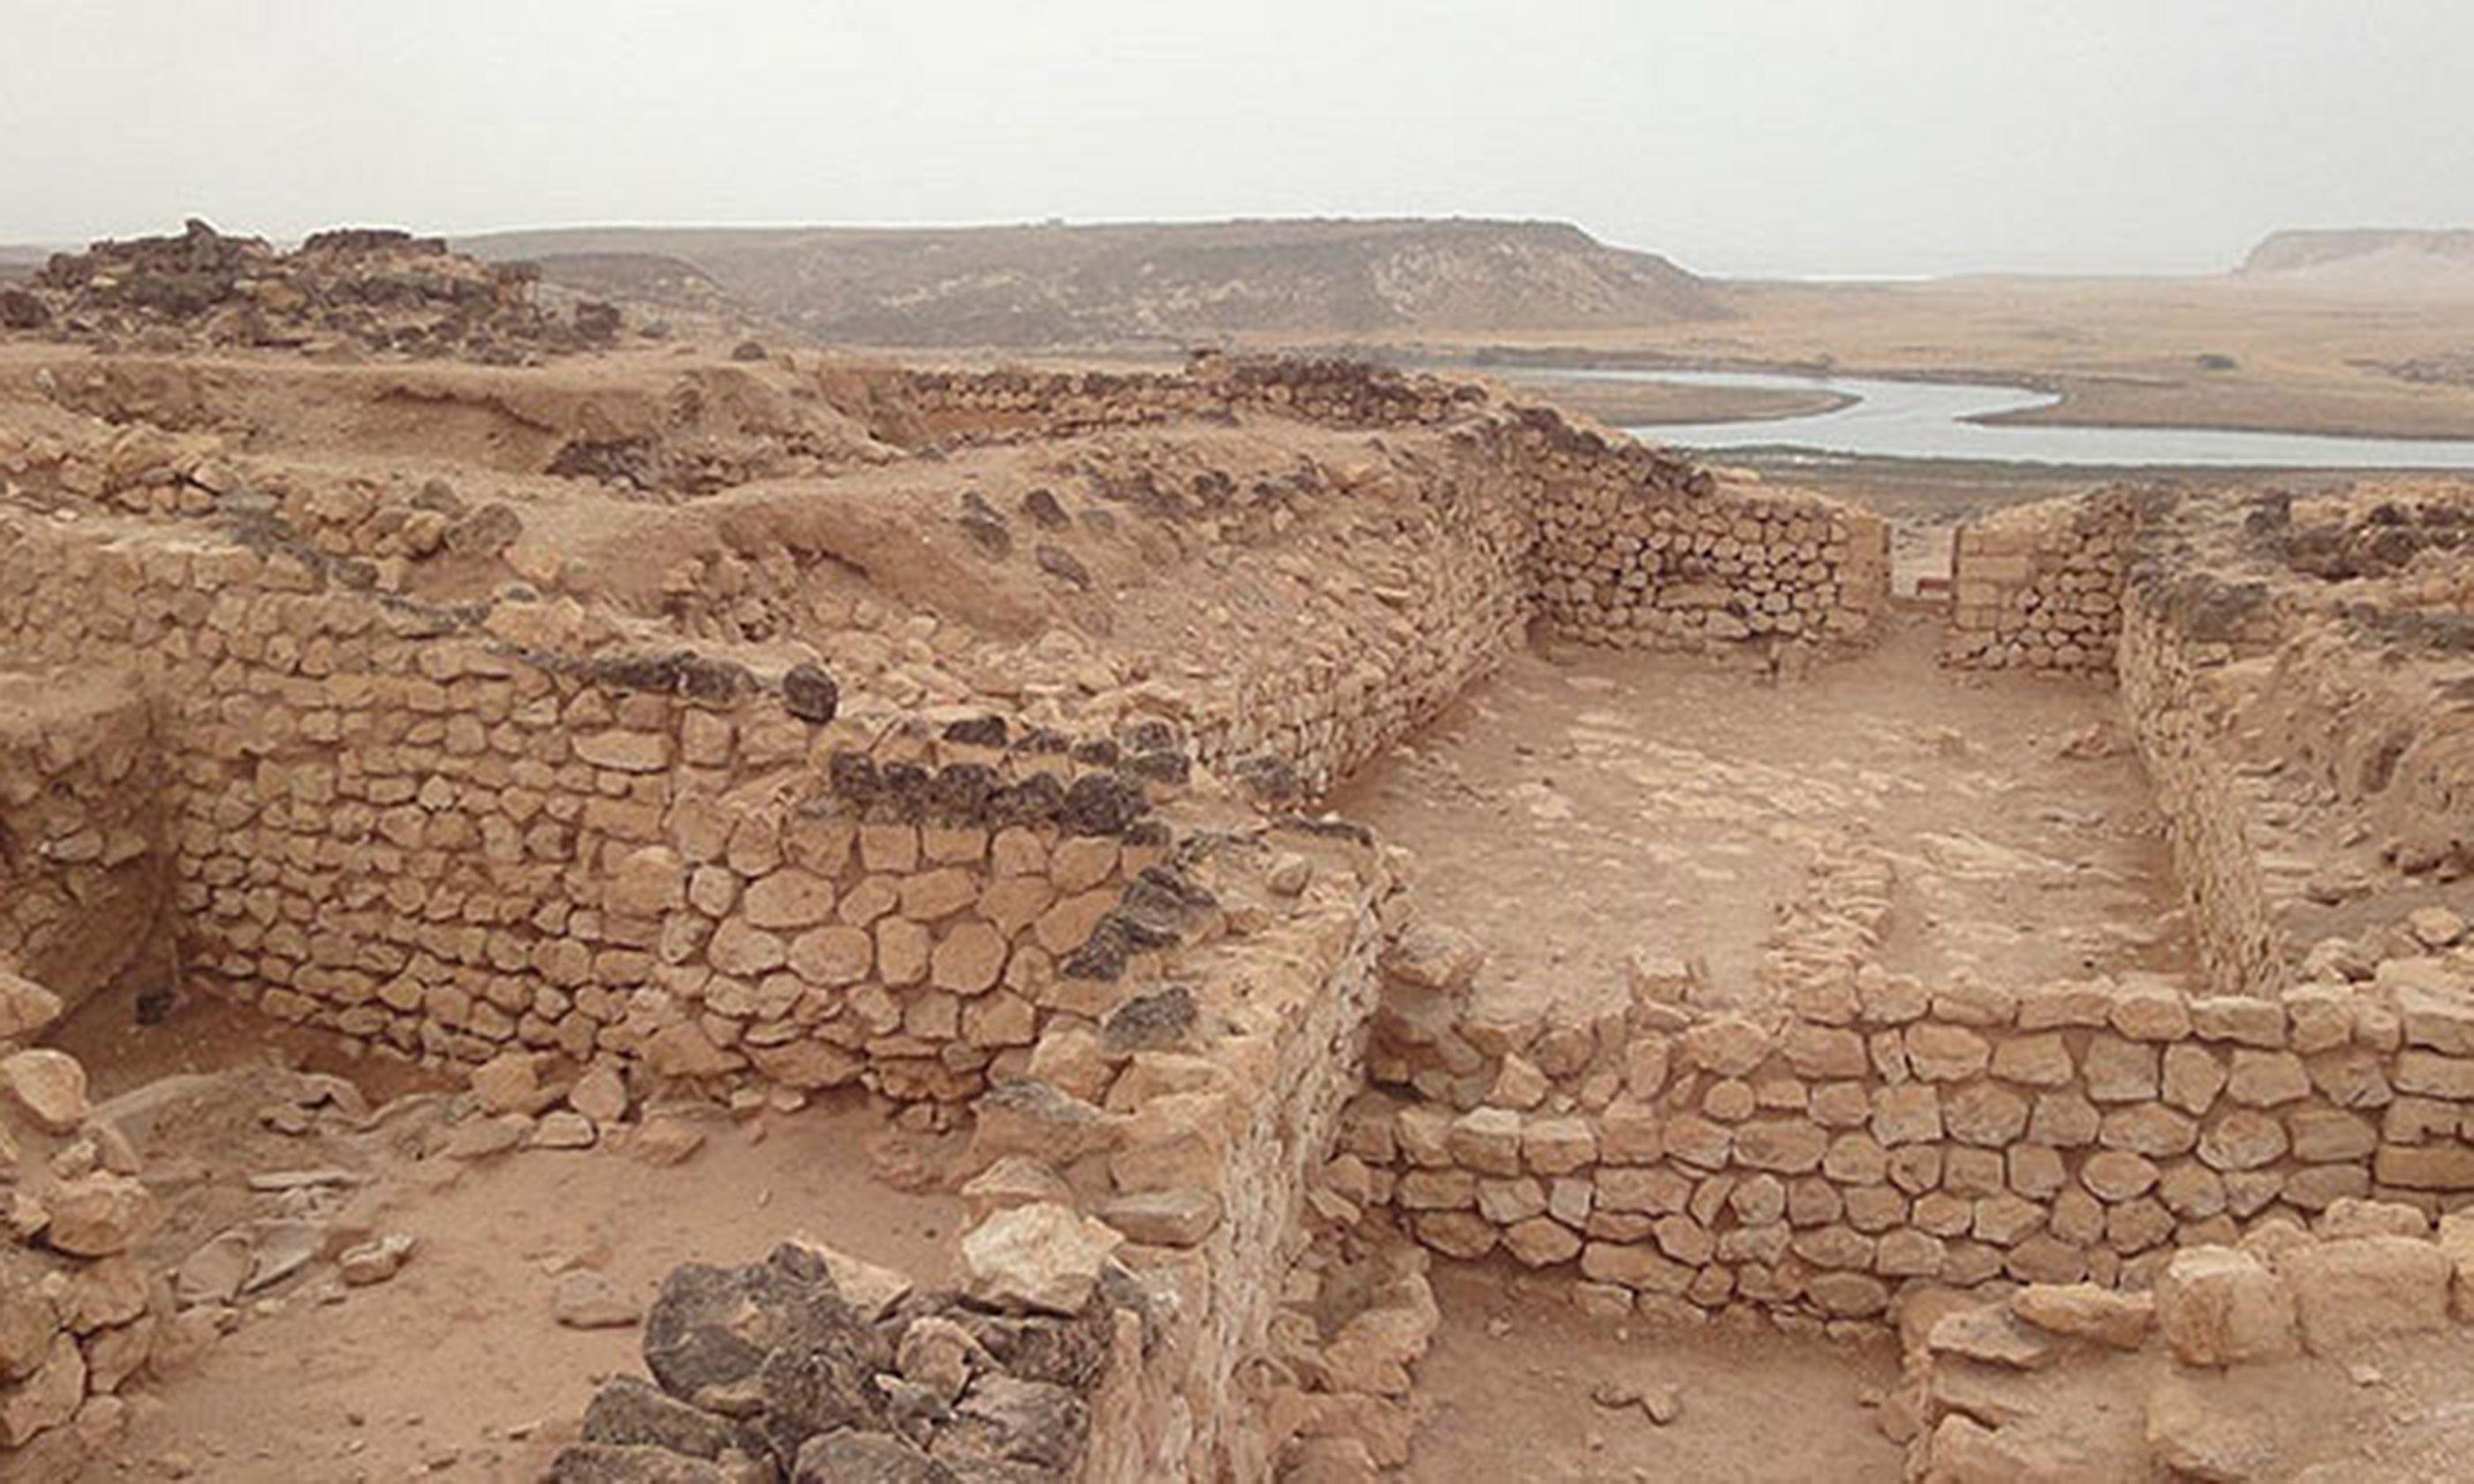 Sumhuram ruins (Joāo Leitão)